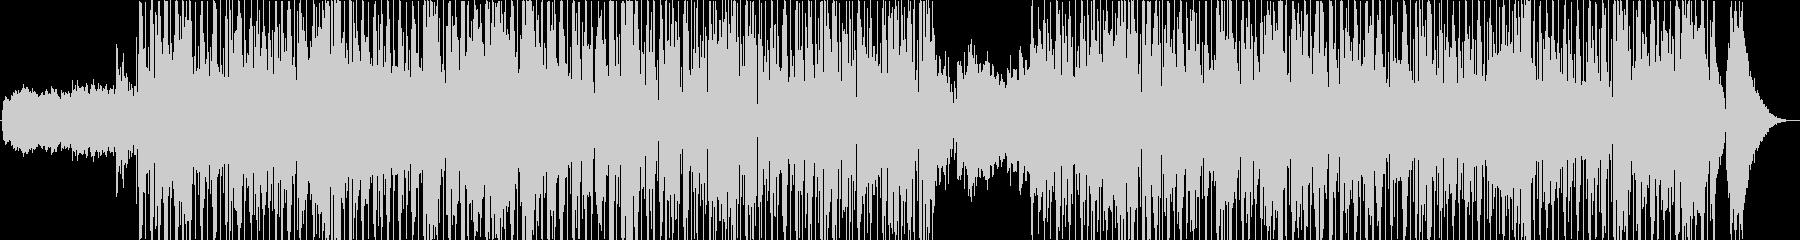 アメイジンググレースをR&Bにアレンジ。の未再生の波形